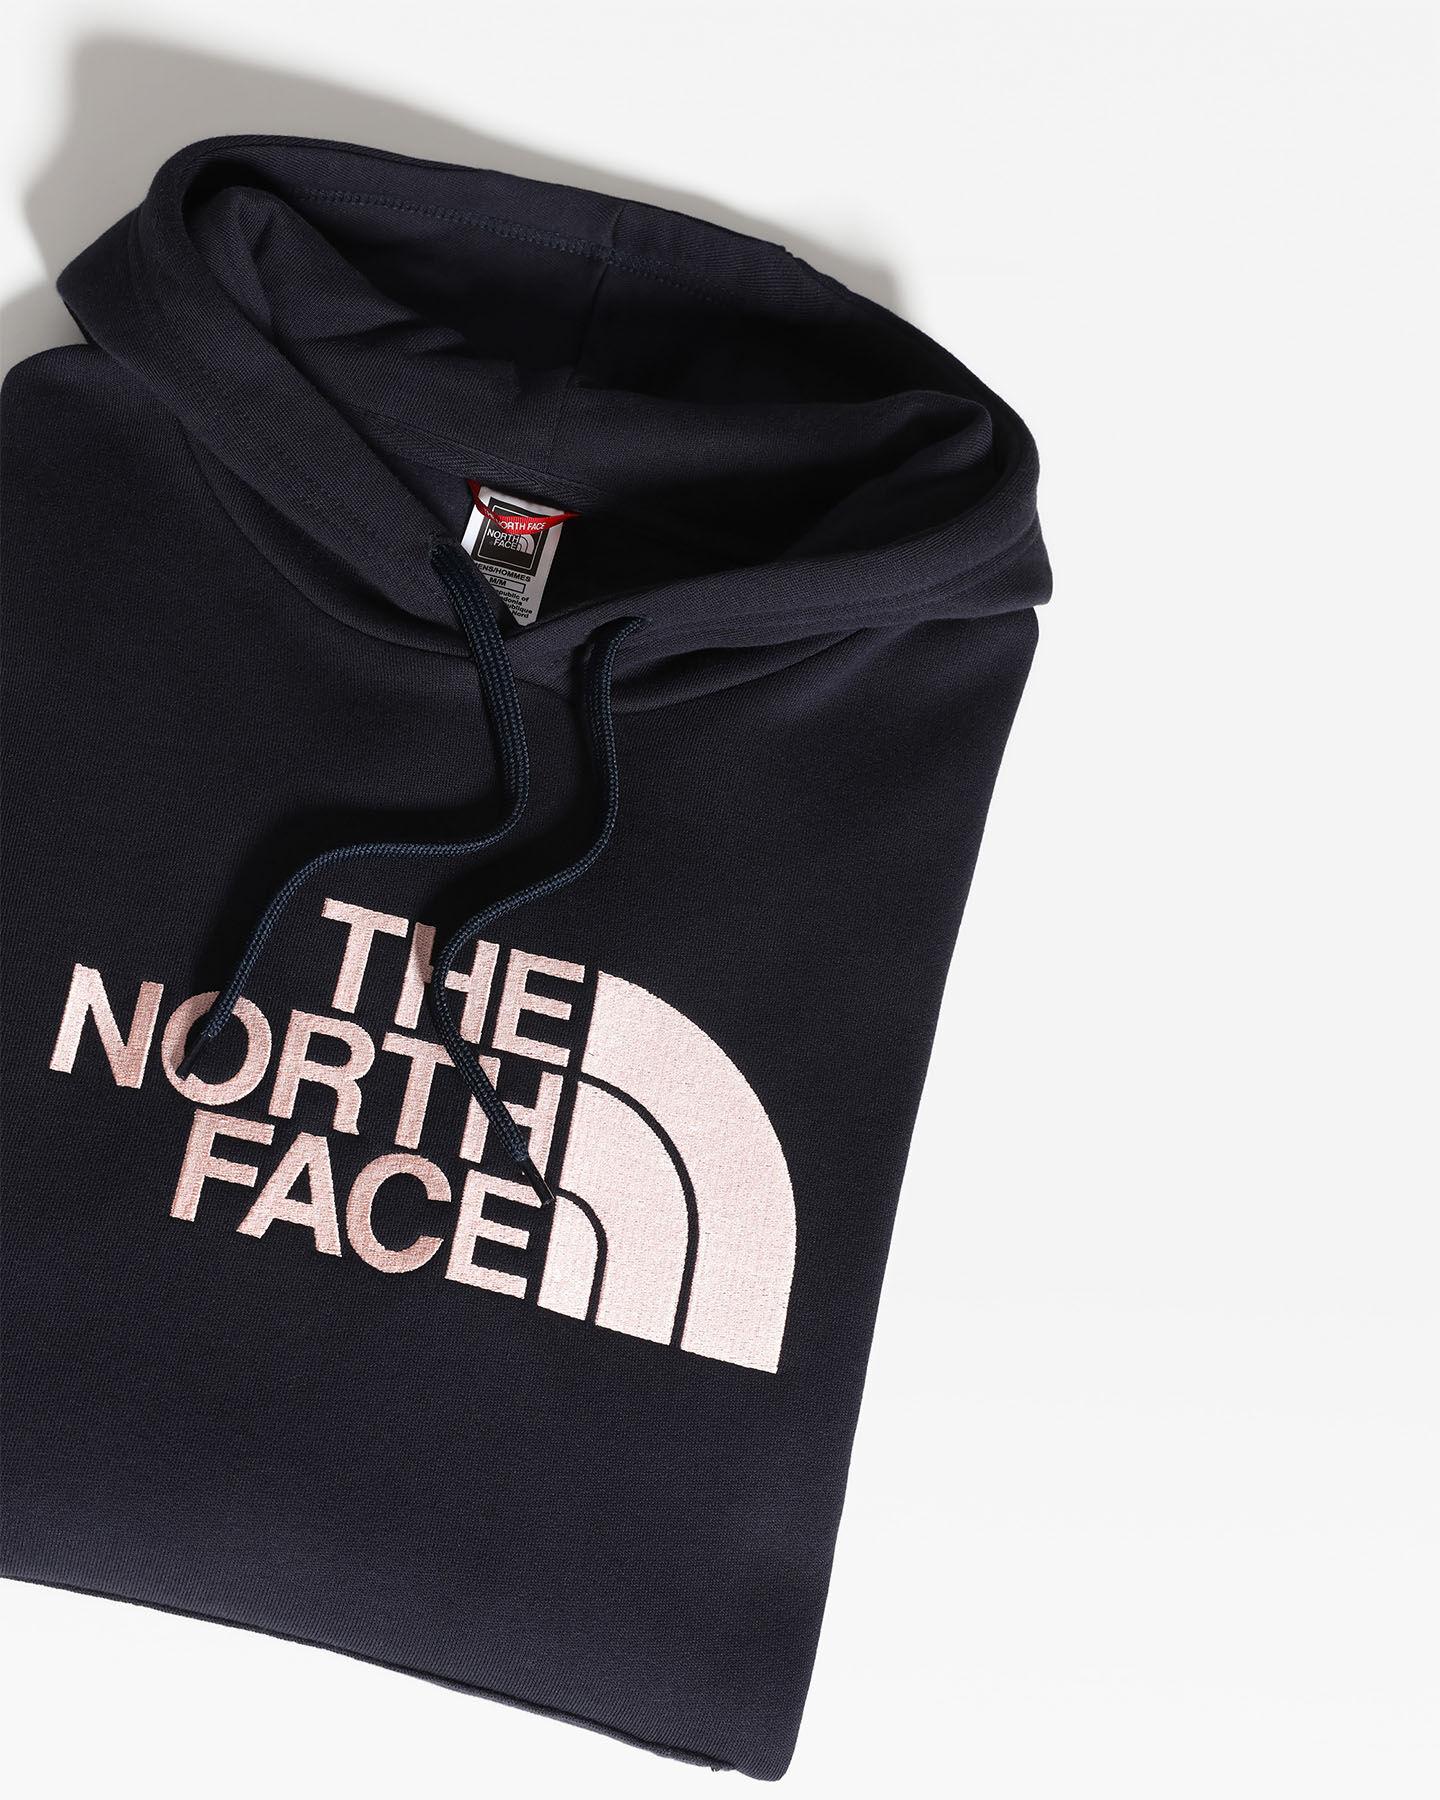 Felpa THE NORTH FACE DREW PEAK M S1303942 scatto 2